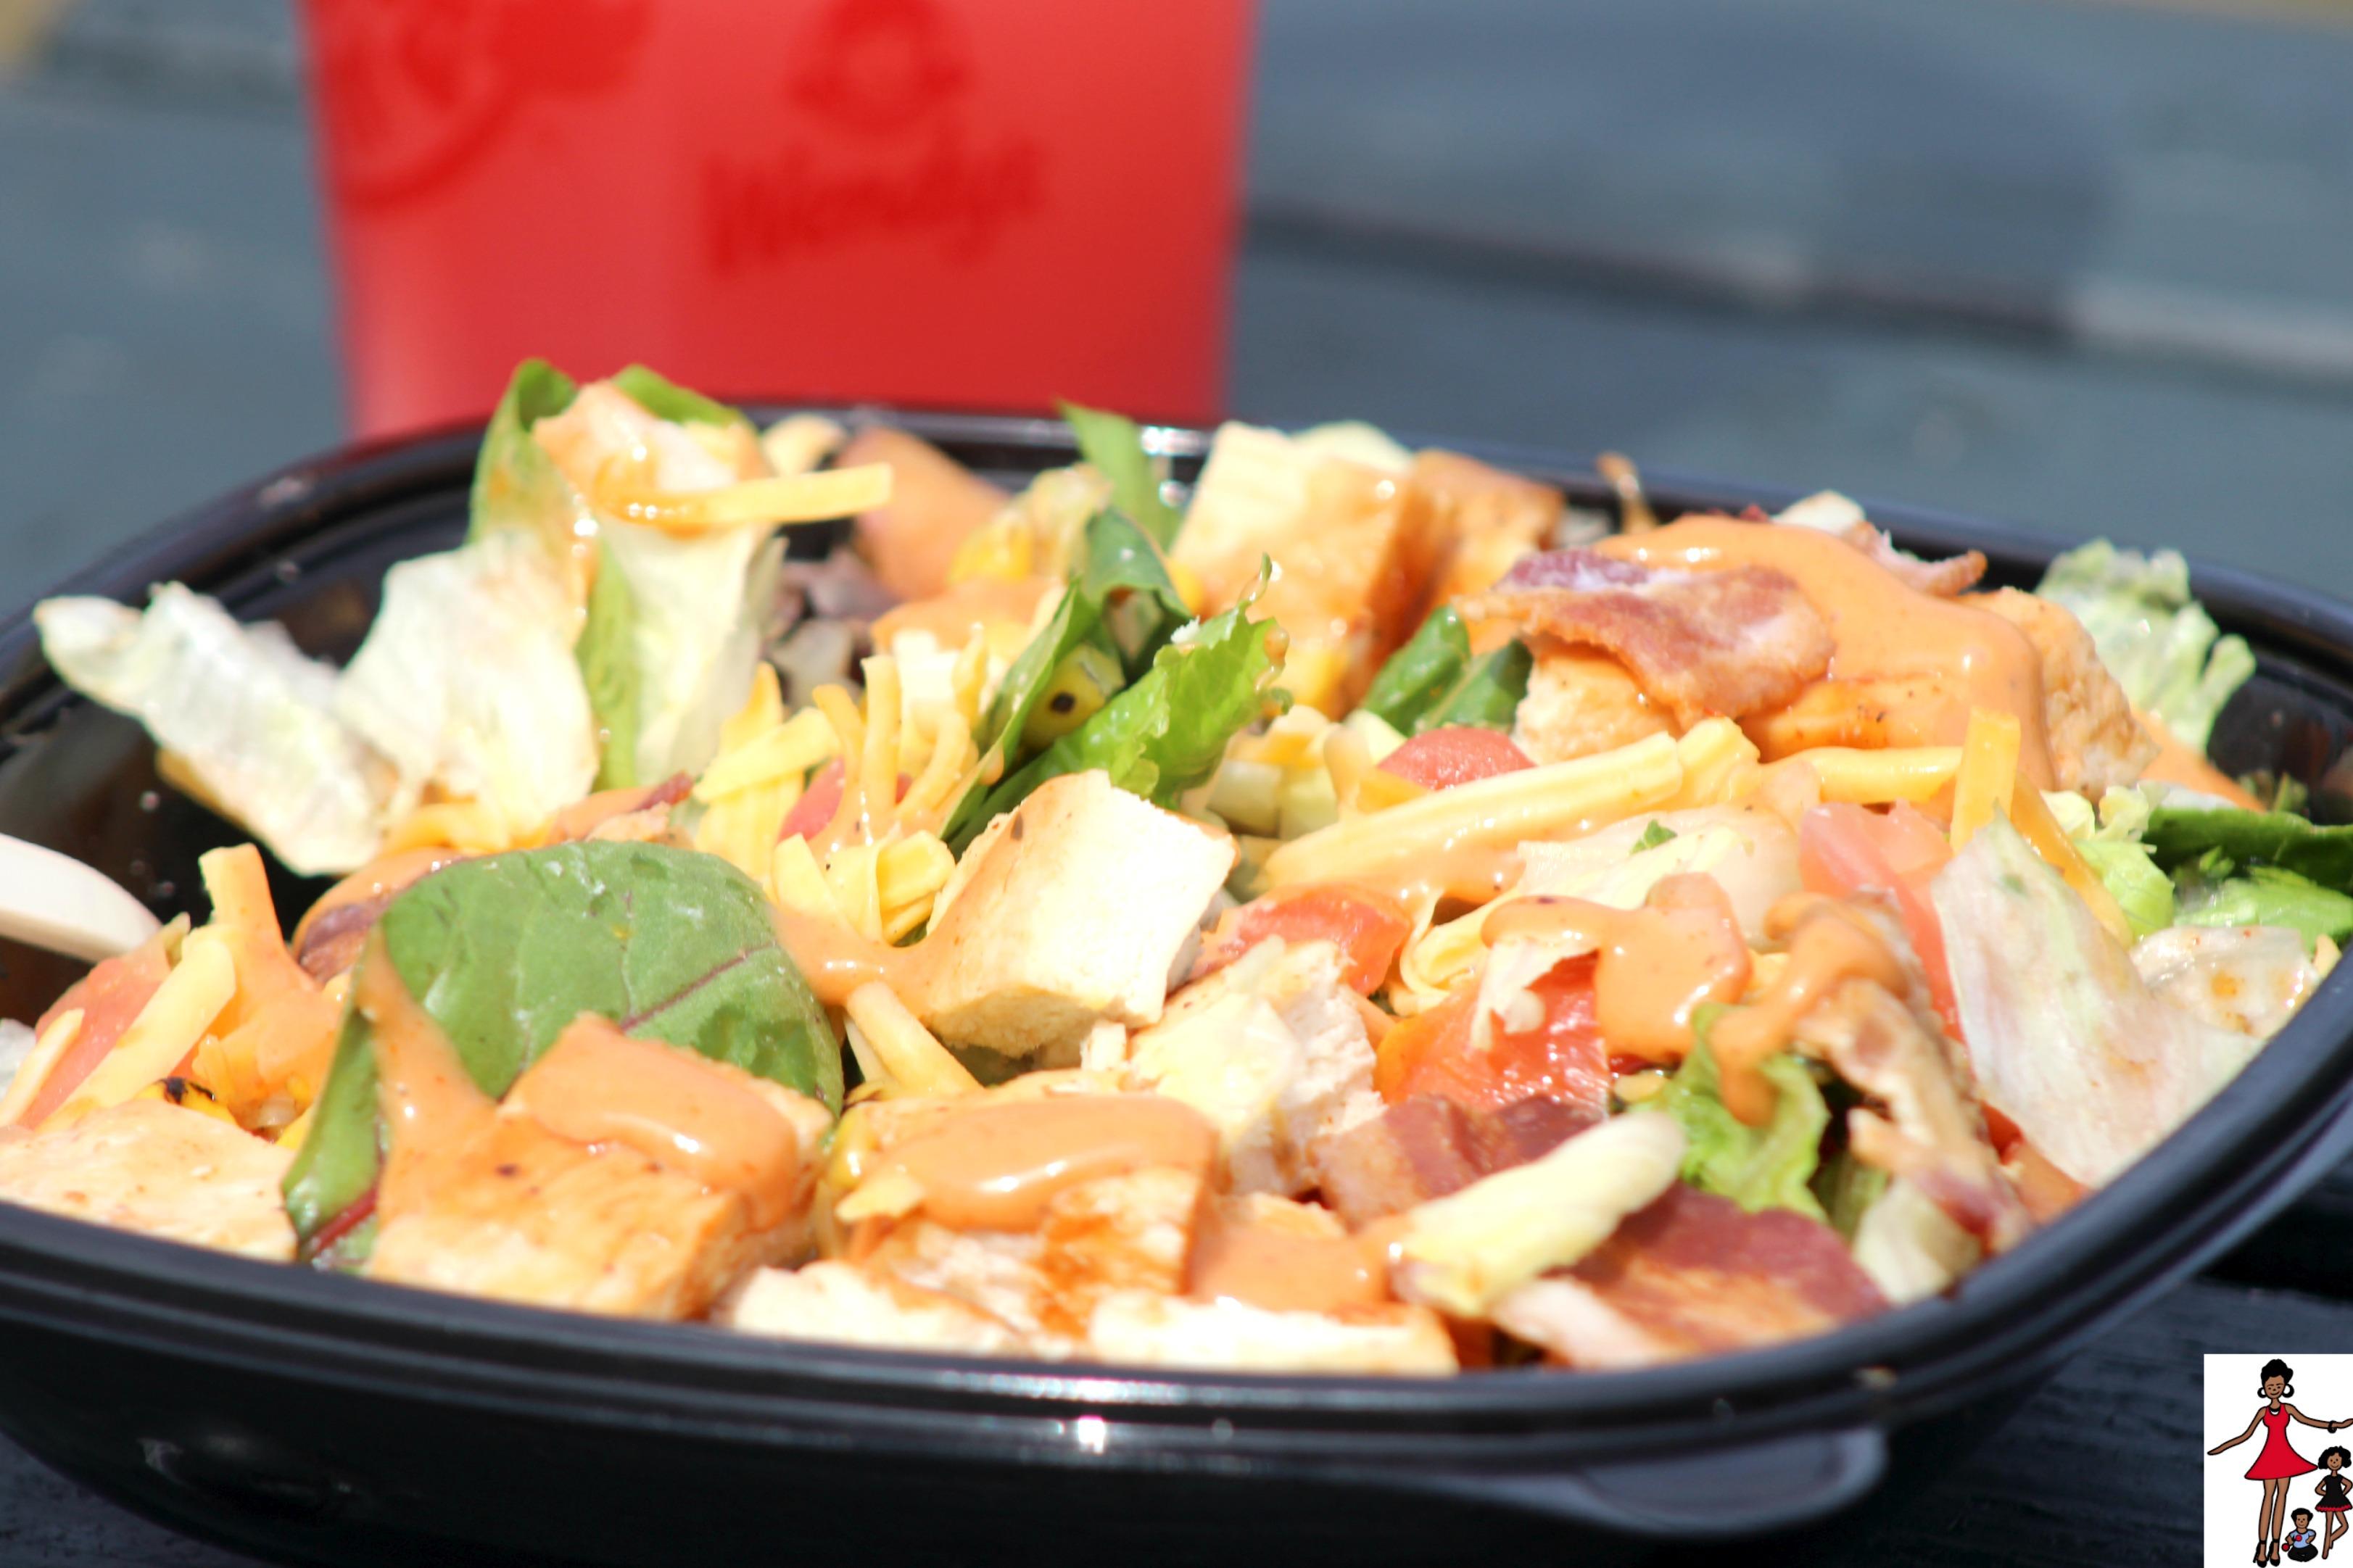 wendys-bbq-chicken-salad